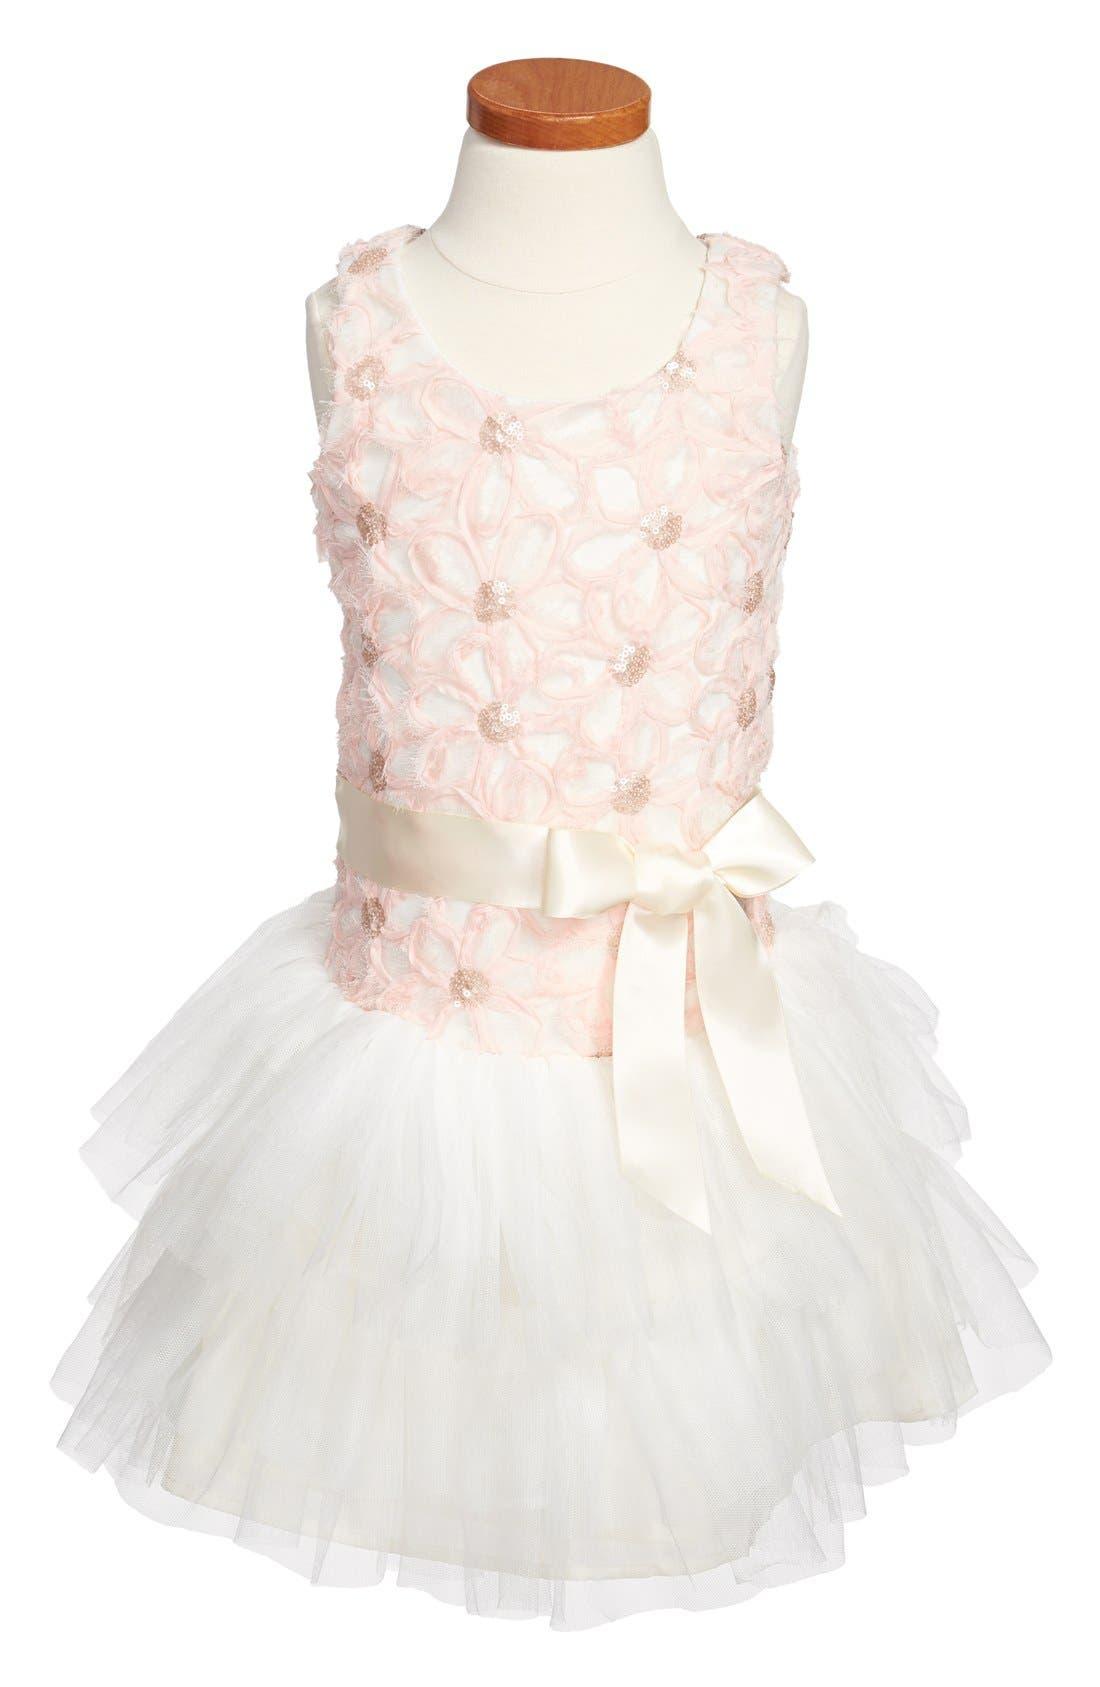 Main Image - Zunie Soutache Drop Waist Dress (Little Girls & Big Girls)